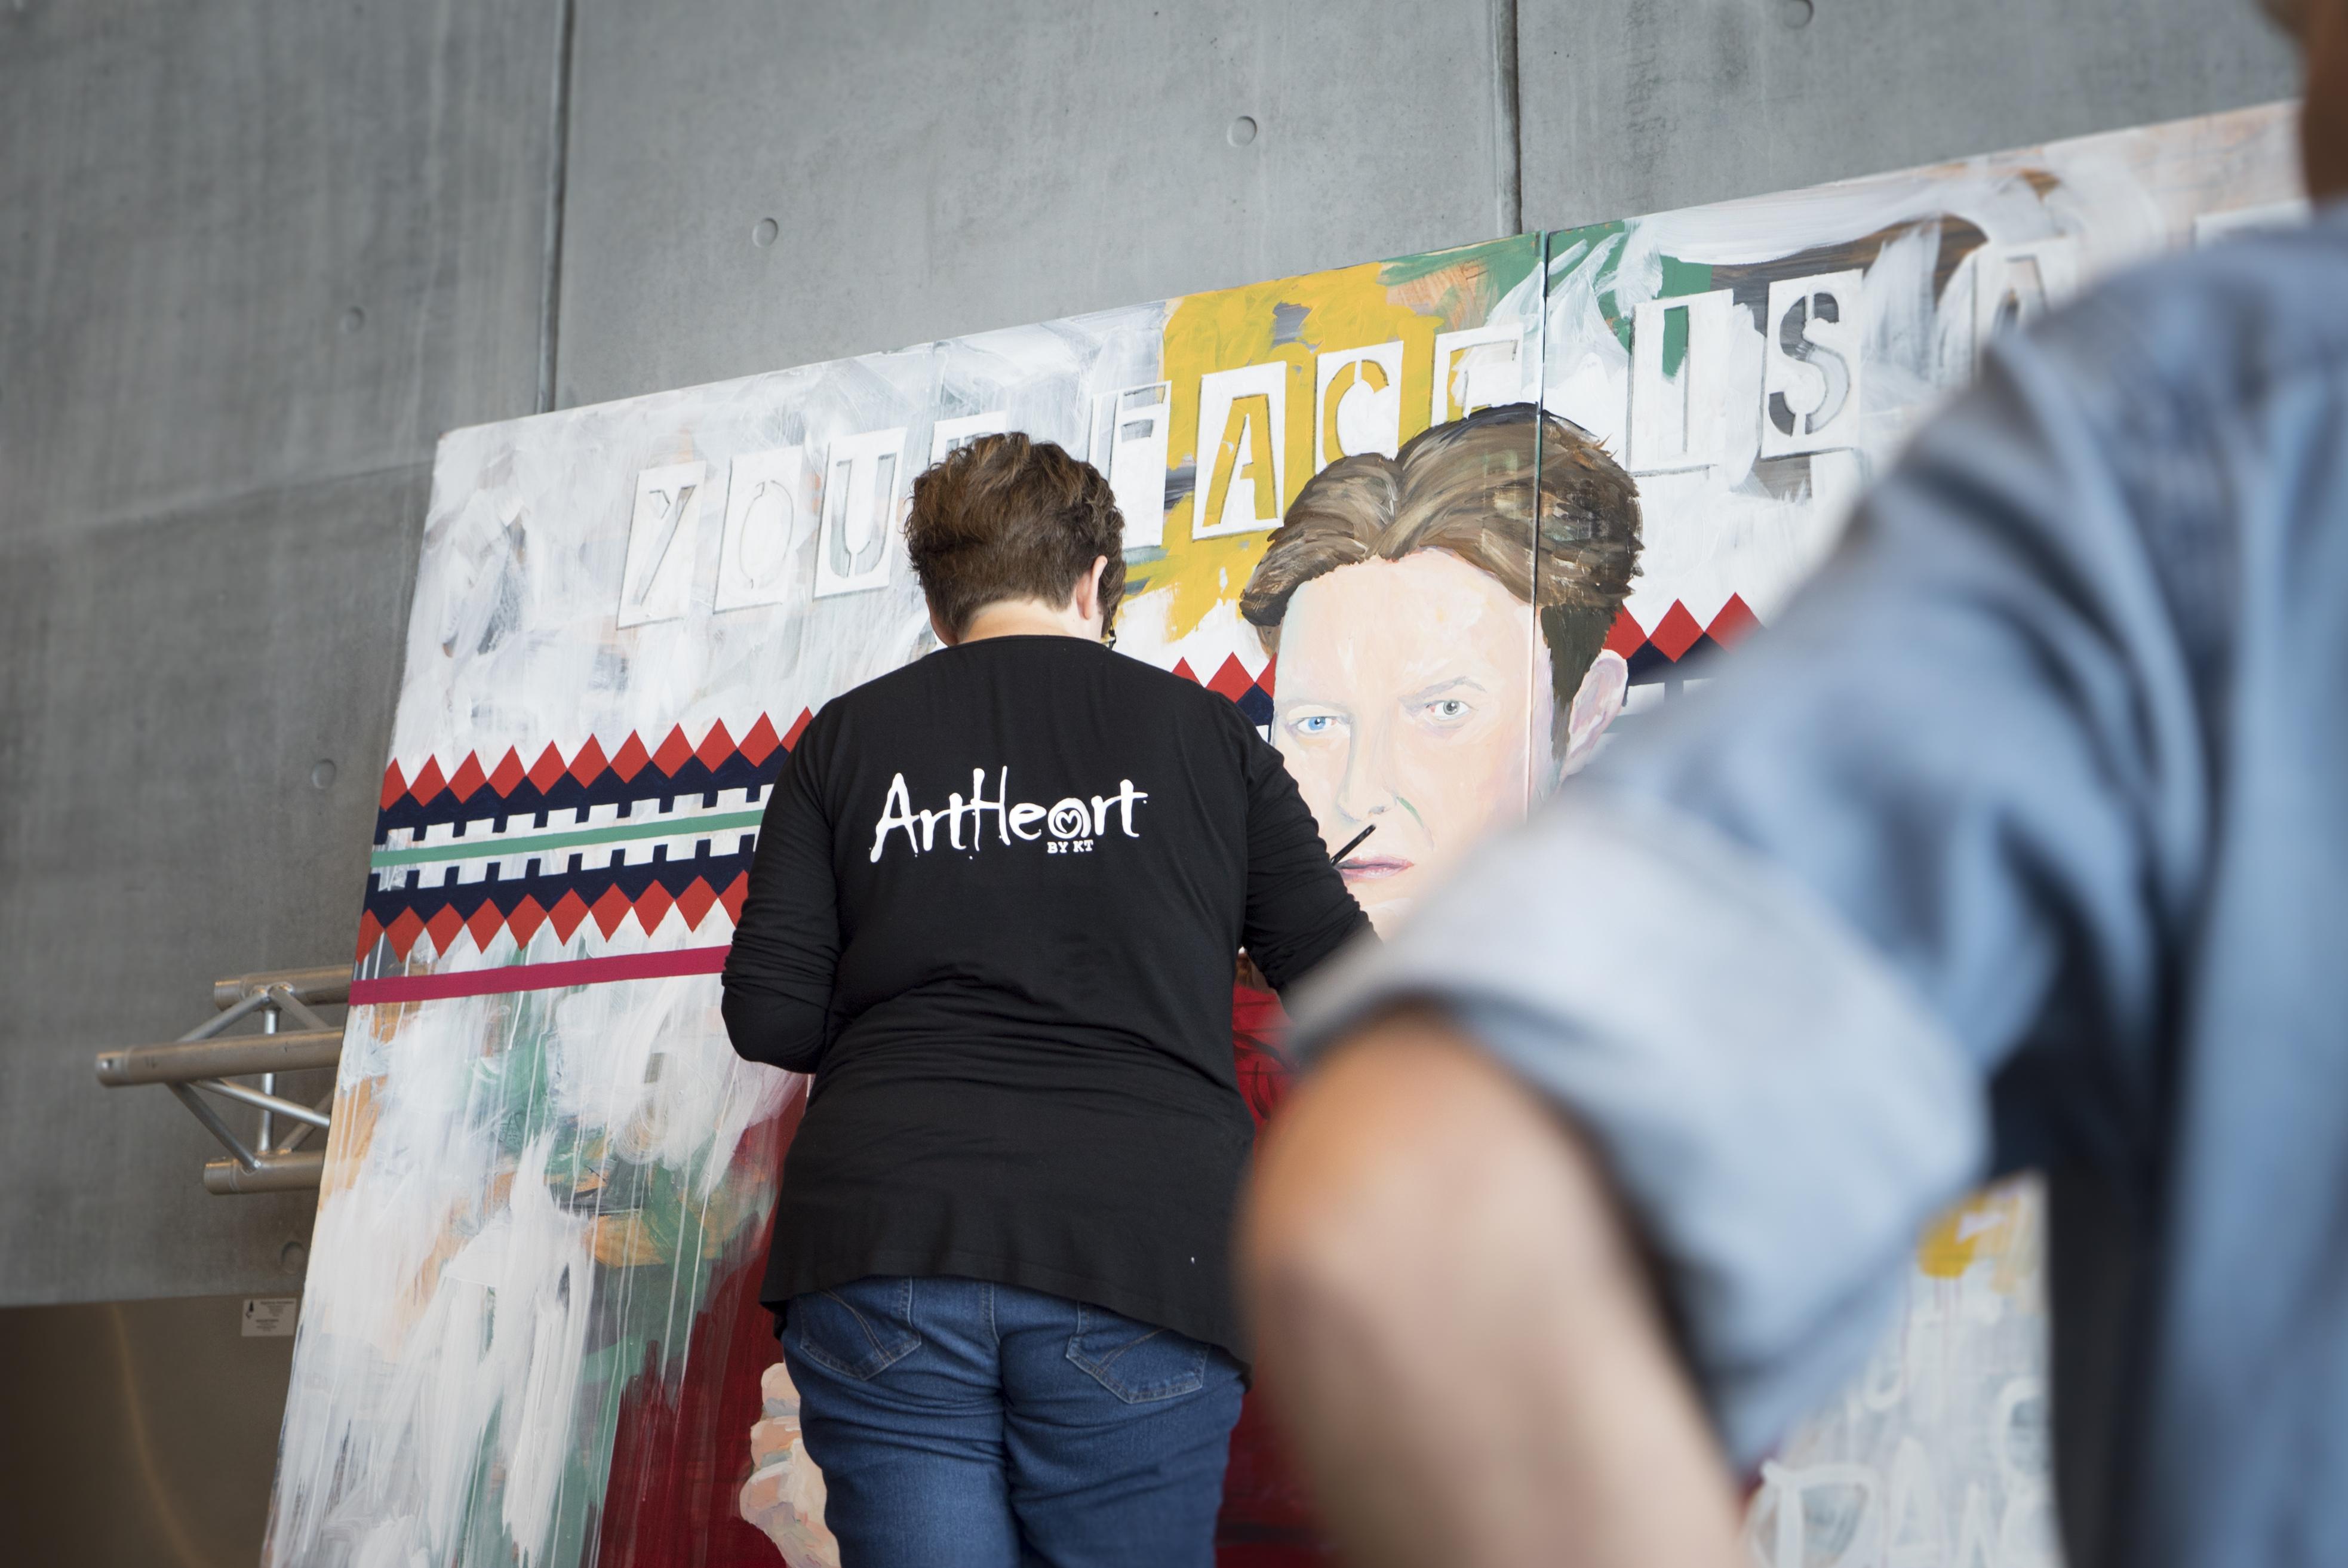 David Bowie maleri på DOKK1 i Århus under udførelse